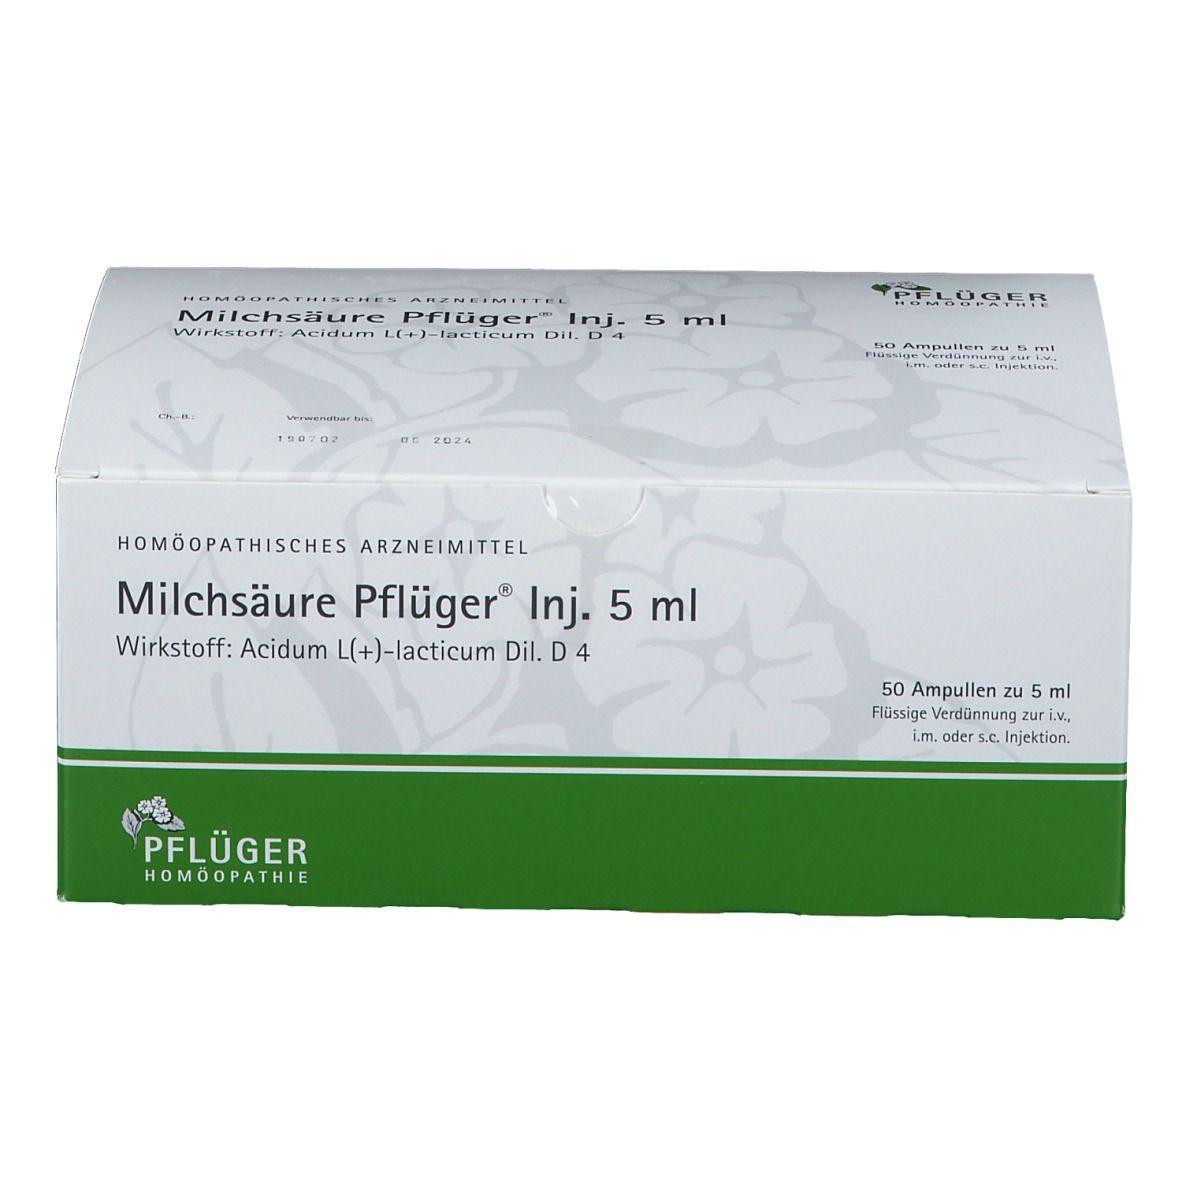 Milchsäure Pflüger® Inj. 5 ml